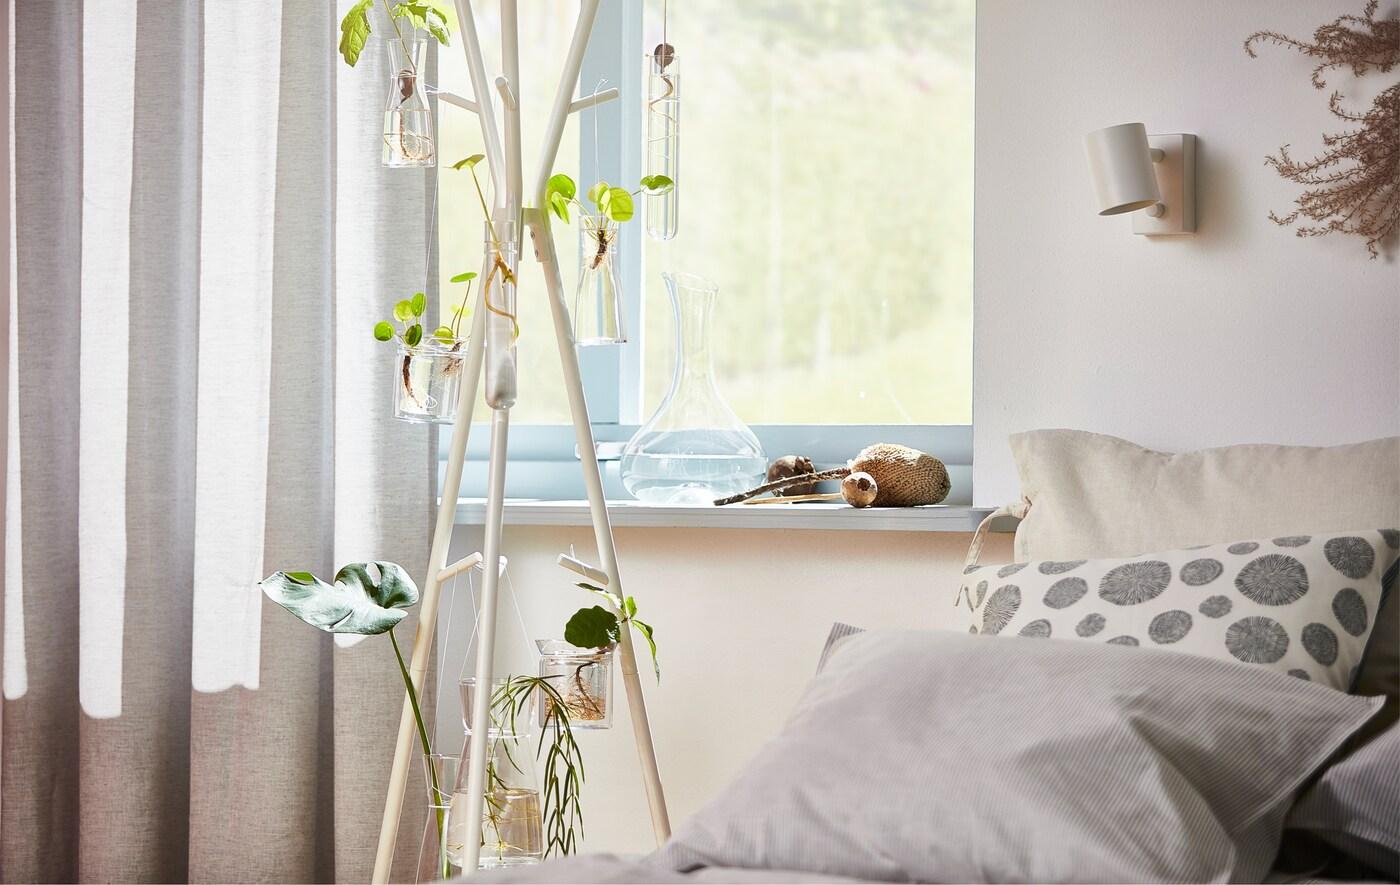 قبعة EKRAR بيضاء وعلاقة معطف مزينة بنباتات مزروعة في المنزل، أمام نافذة.